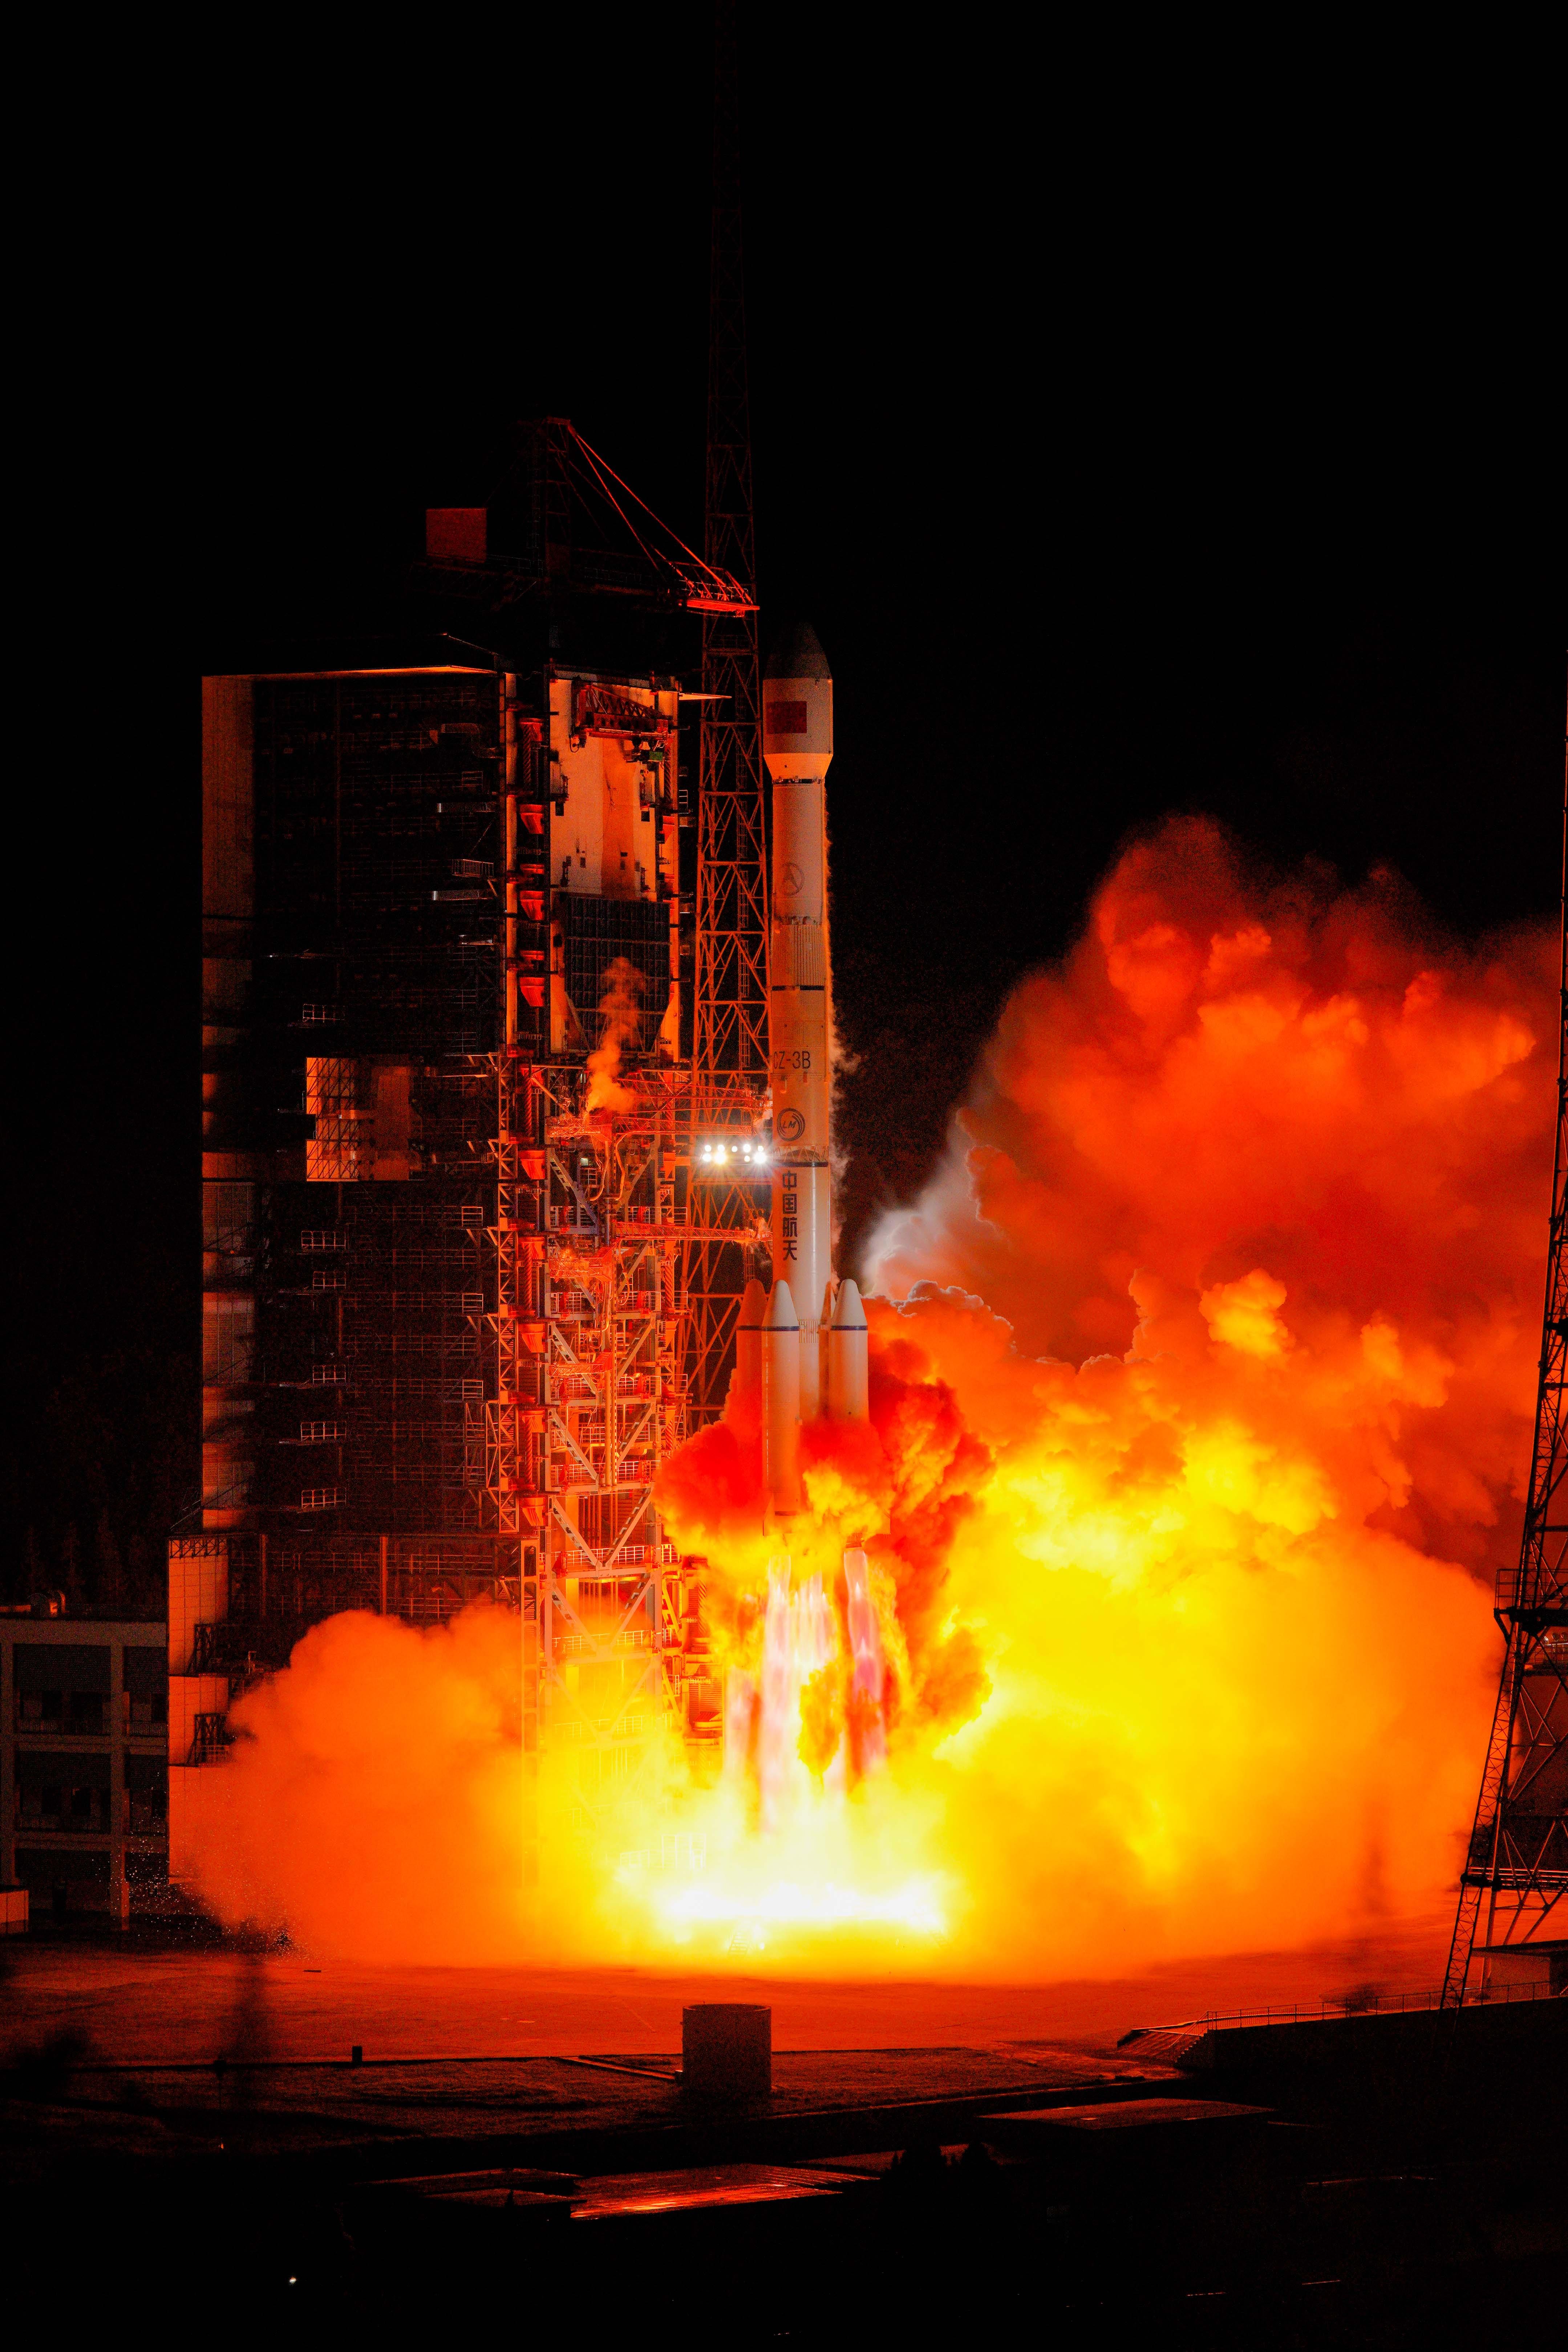 中国、通信技術試験衛星4号の打ち上げ成功